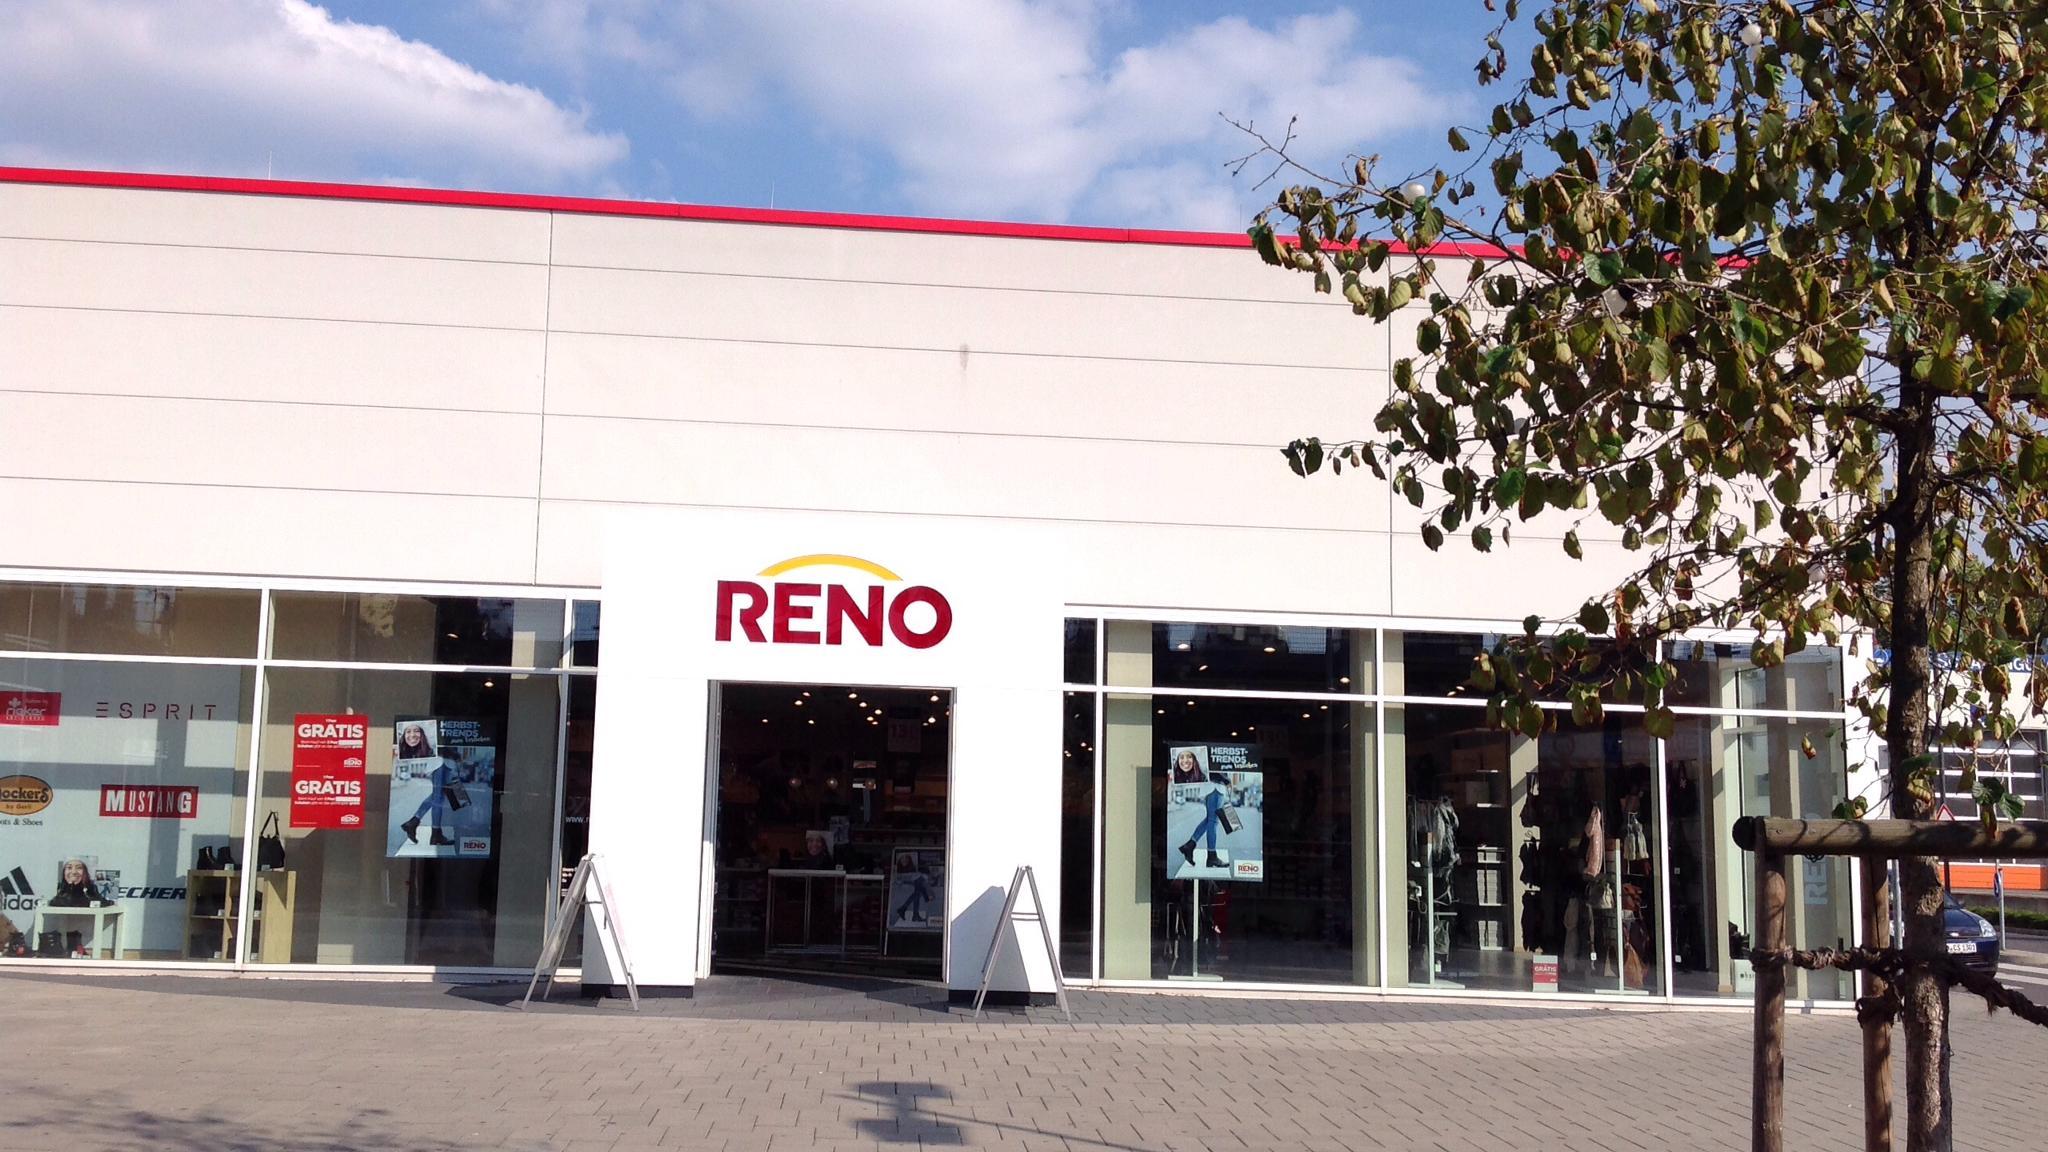 RENO, Concordiastraße in Oberhausen